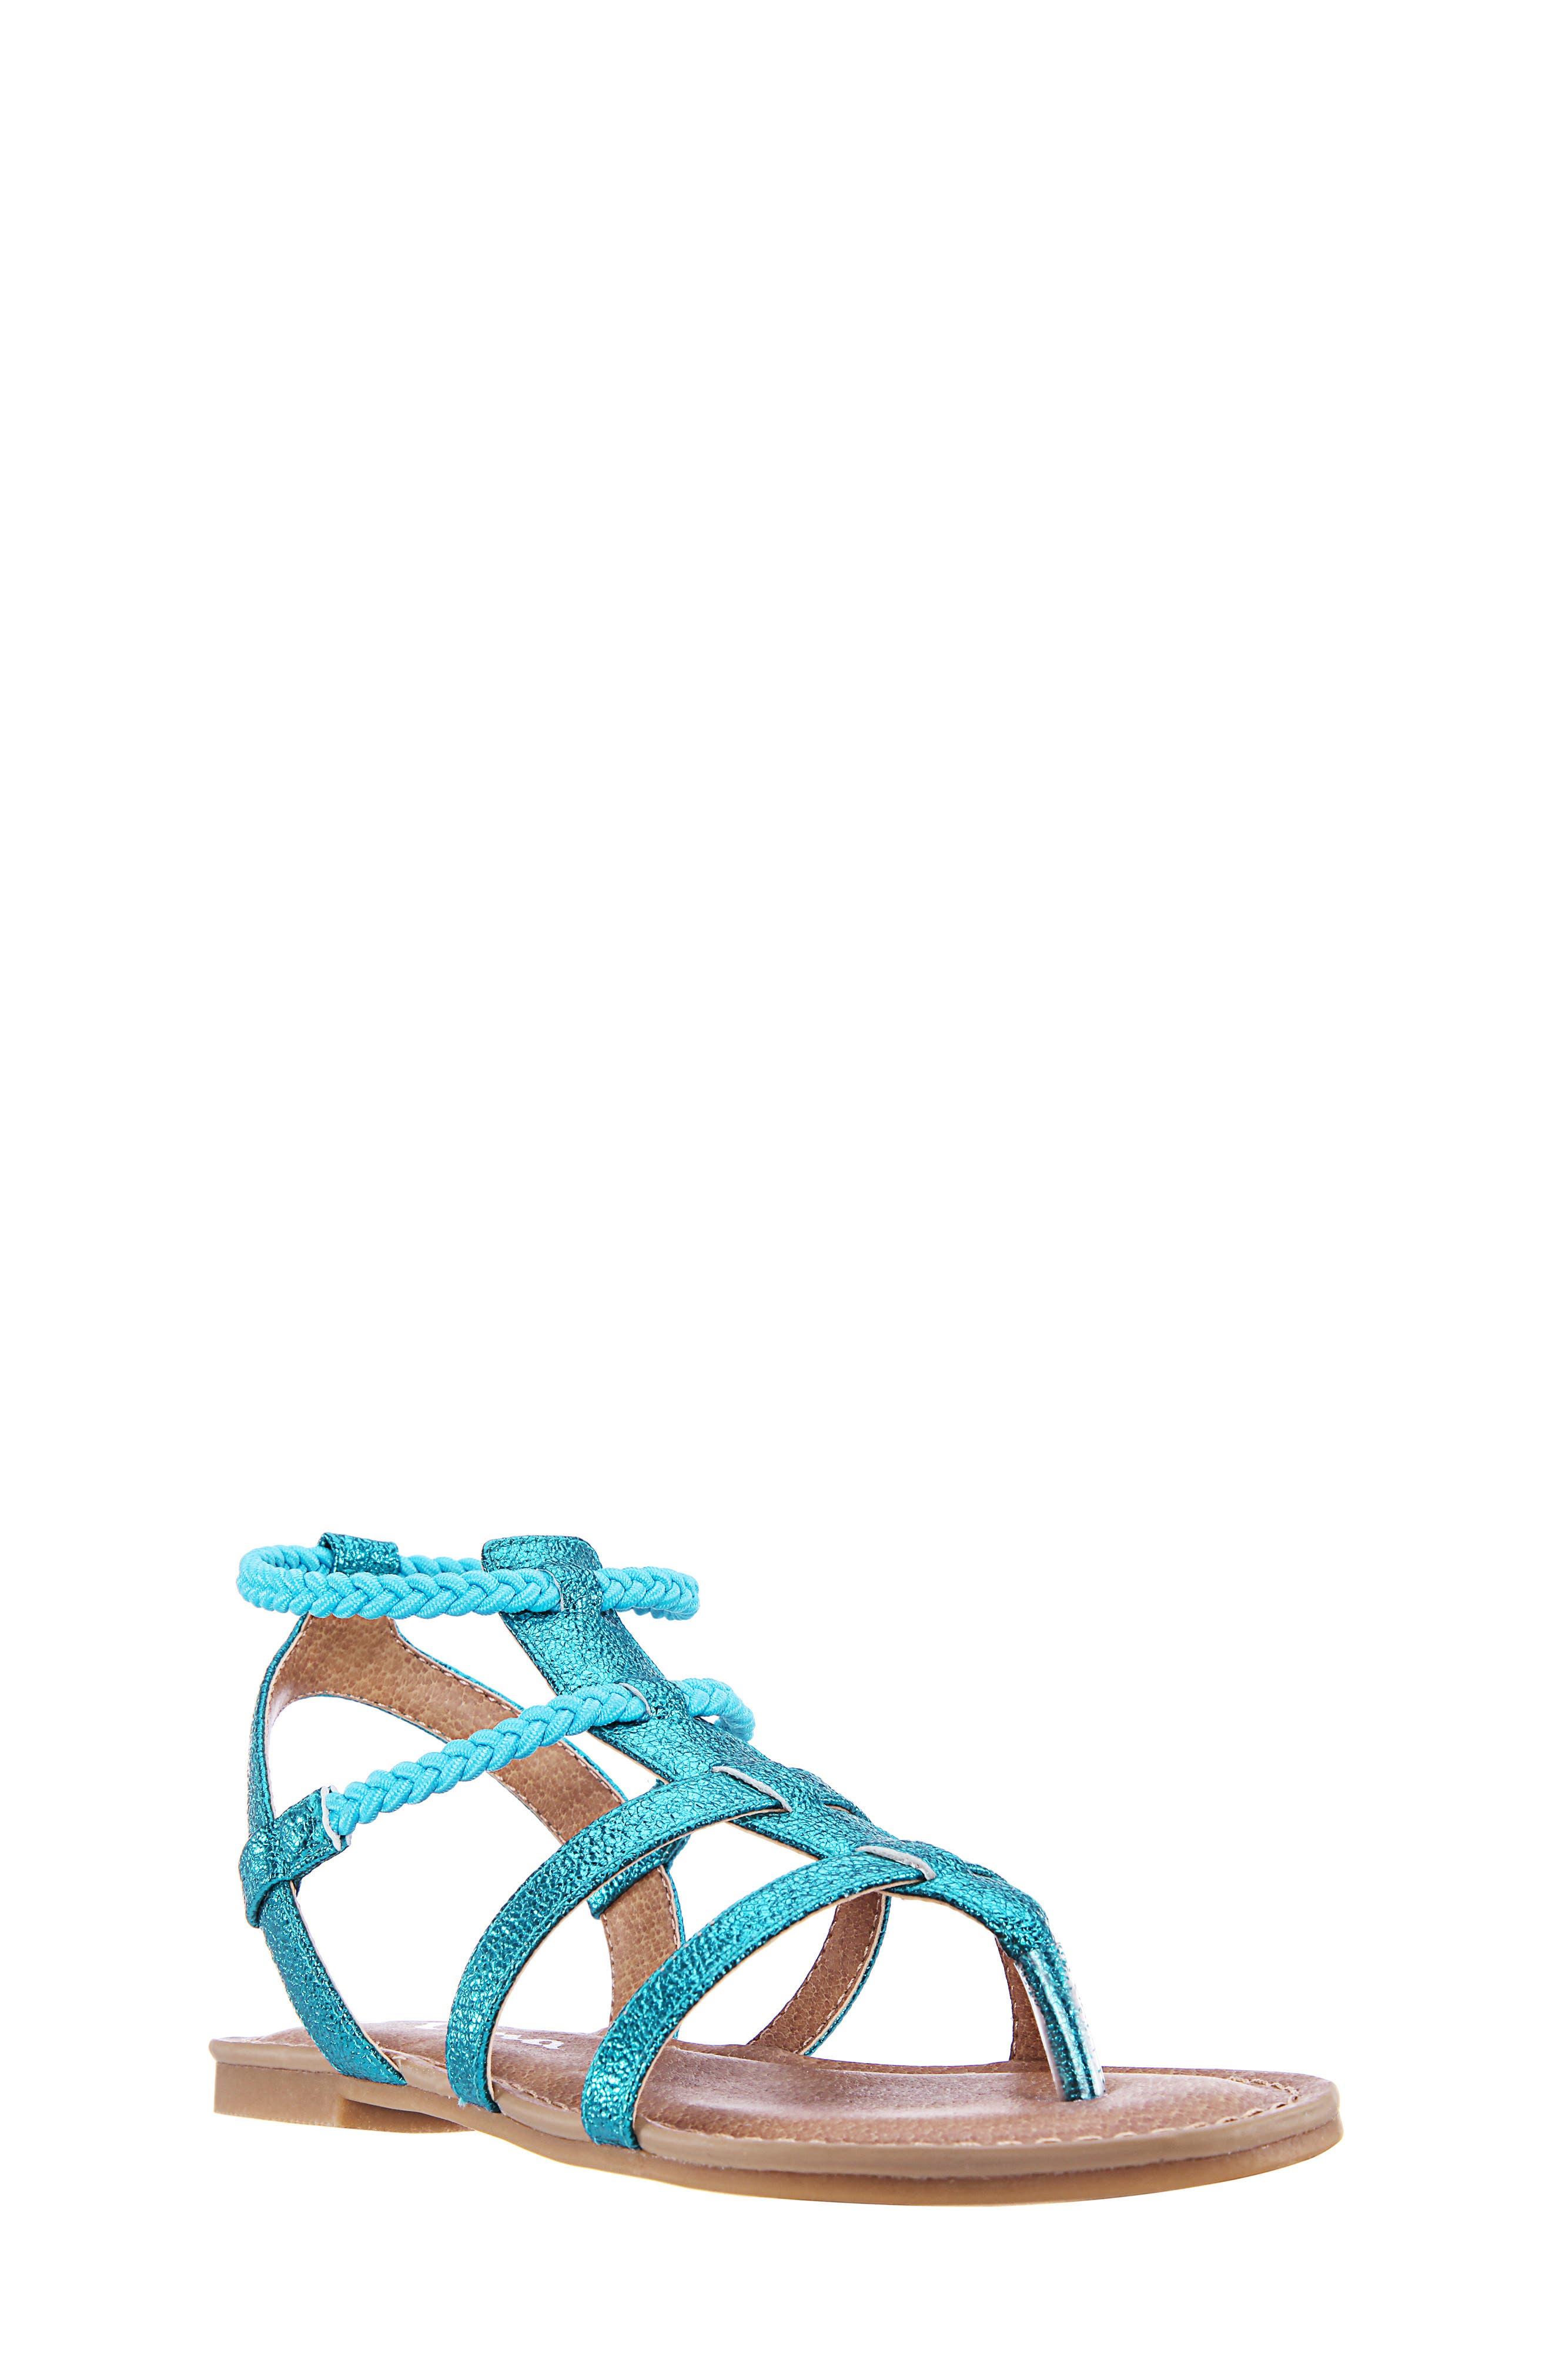 Girls Nina Margaree Gladiator Thong Sandal Size 13 M  Bluegreen